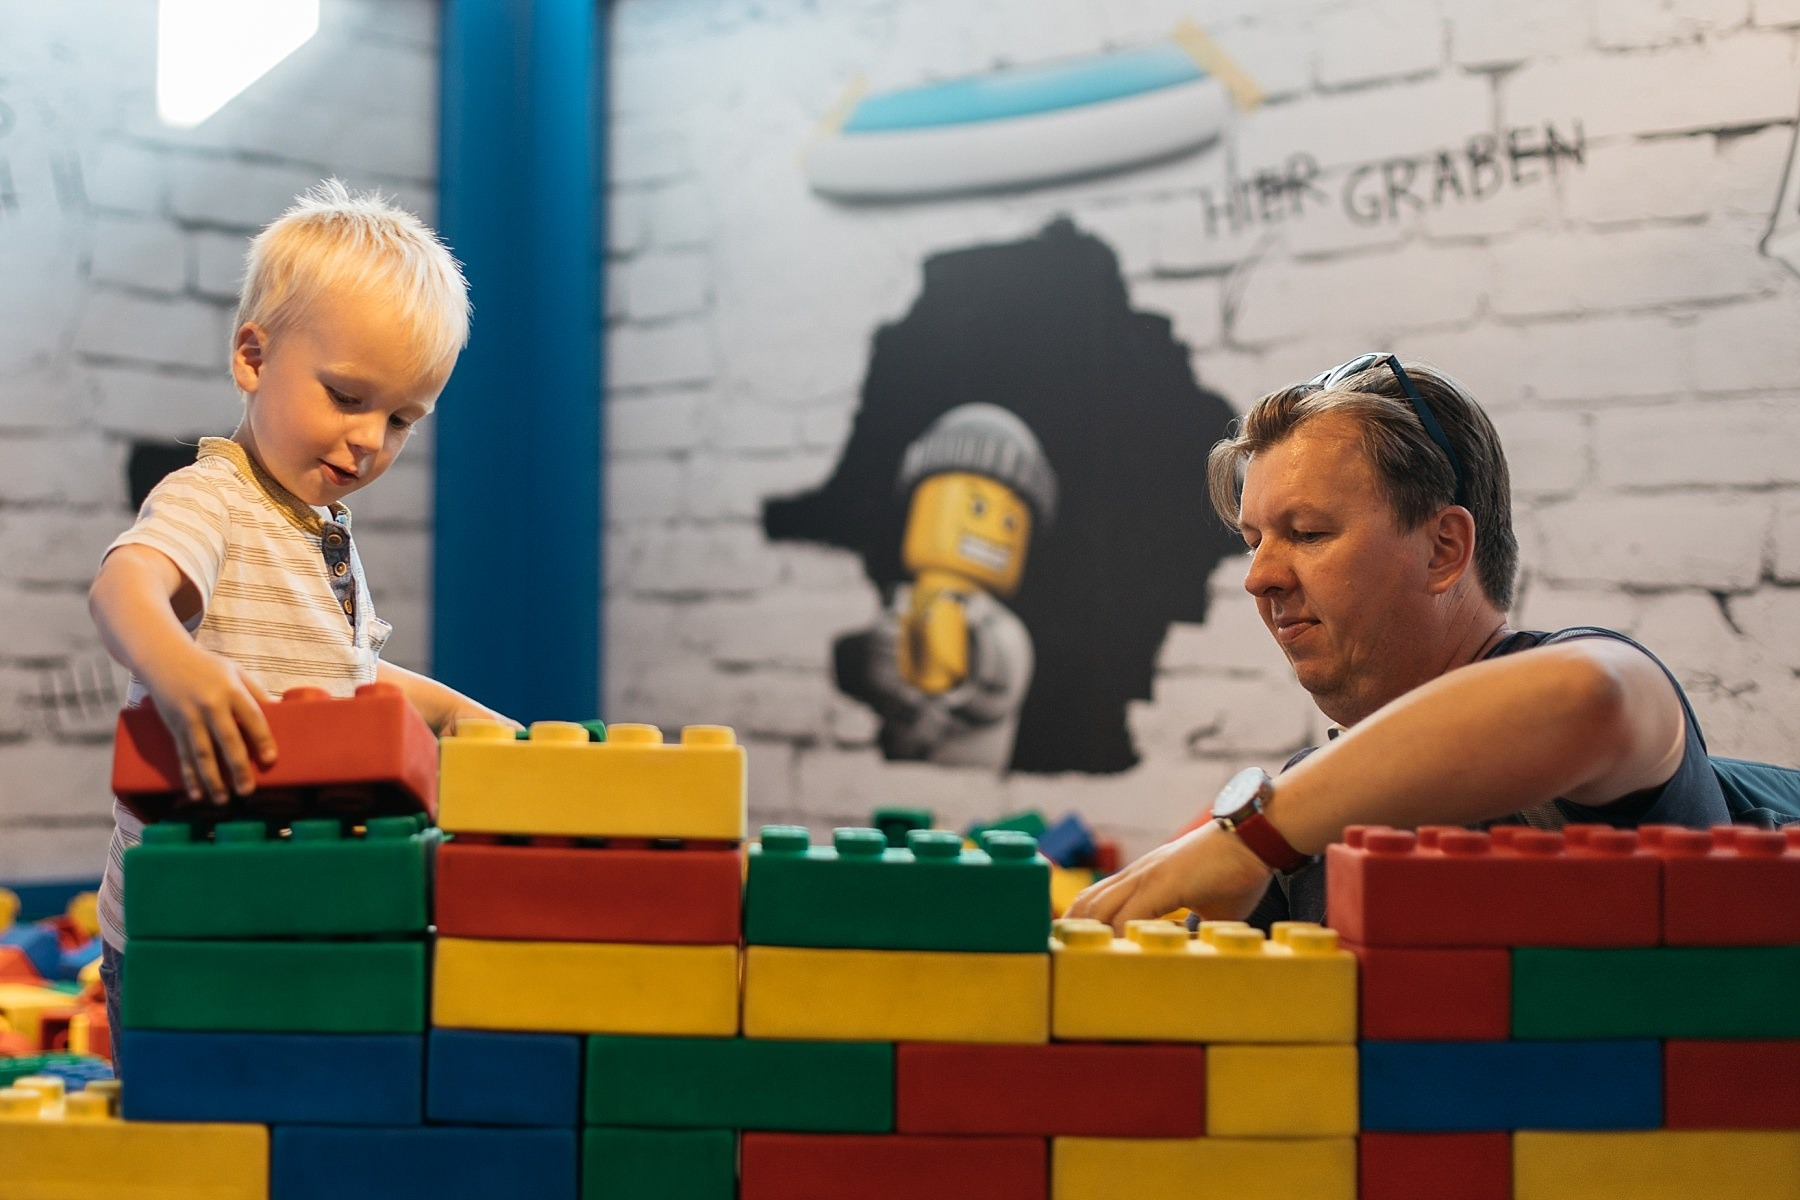 Legoland - 57 millions de briques Lego 20